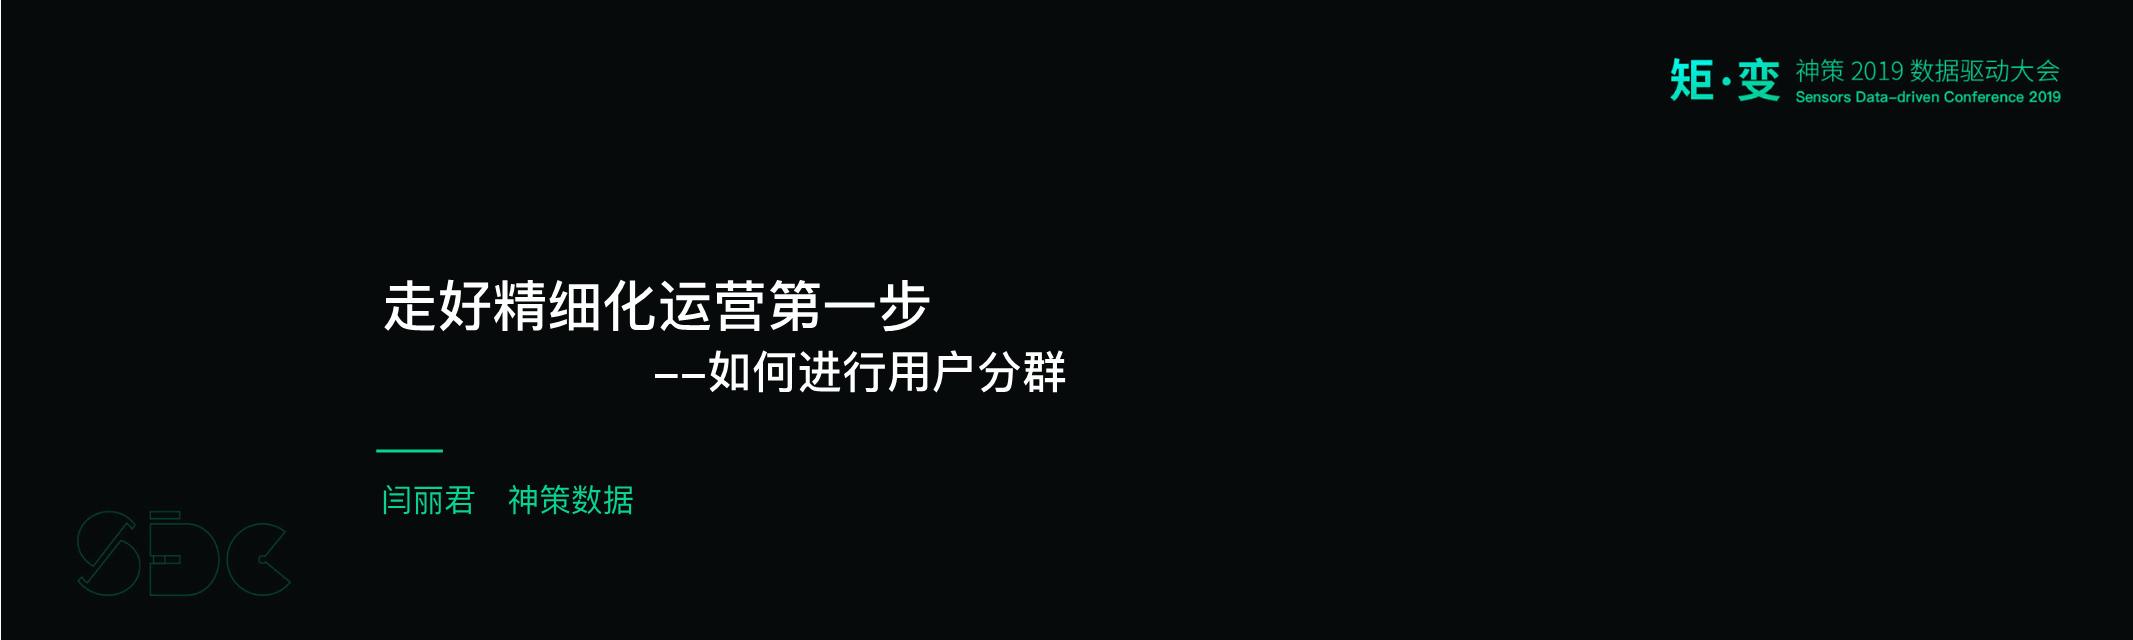 闫丽君-走好精细化运营第一步